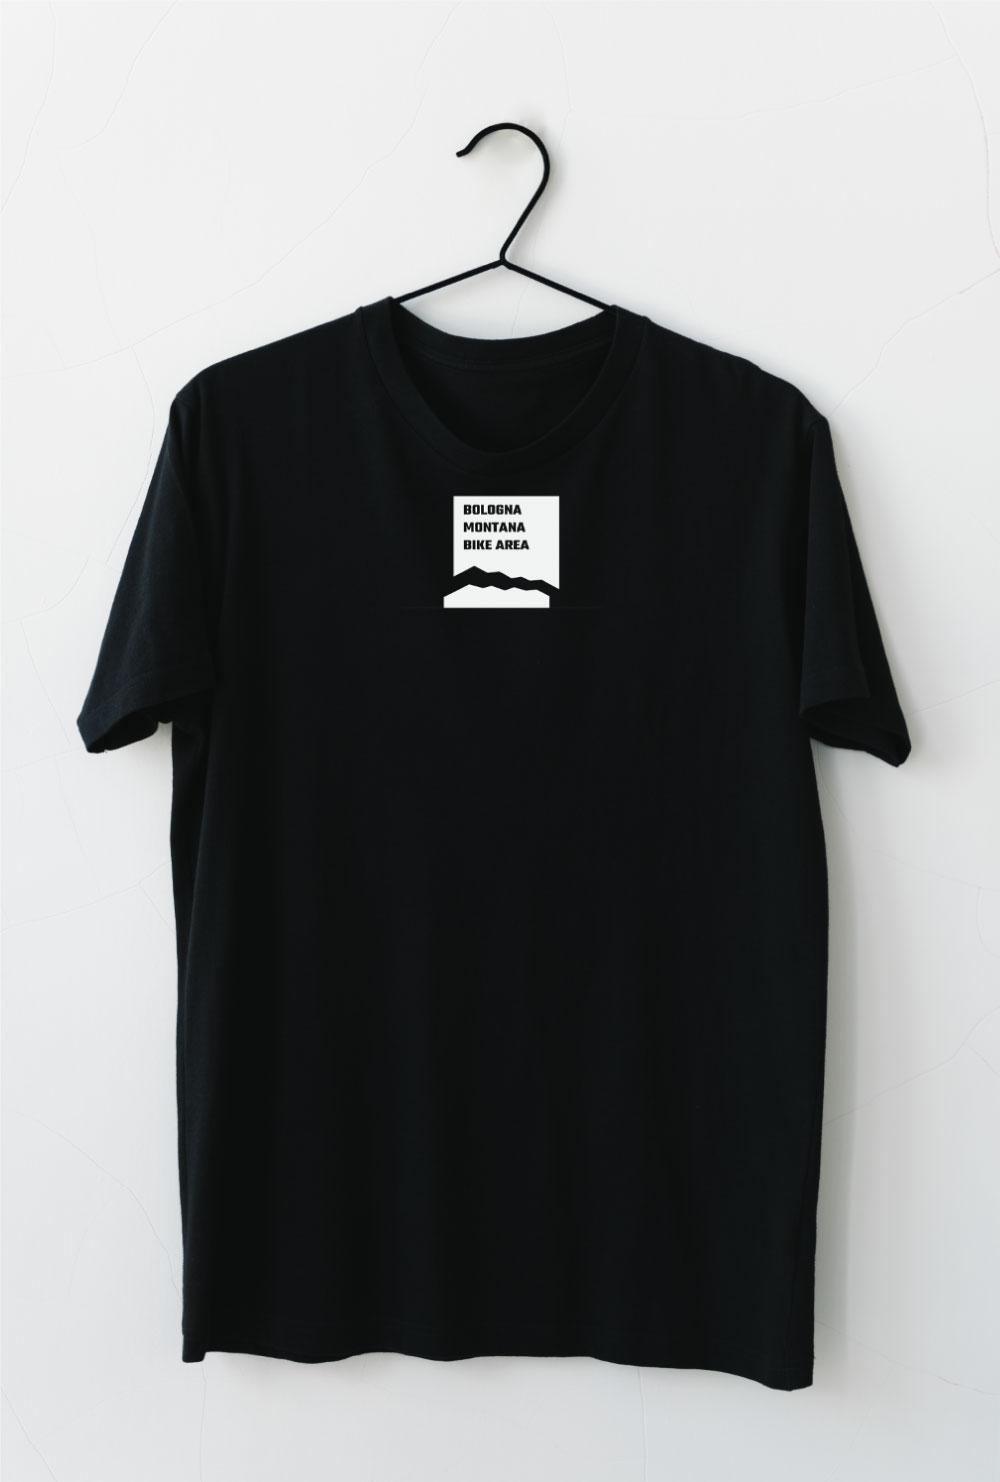 Un impiego del logo a cura di Studio Nilo: una t-shirt con il logo del nostro cliente.